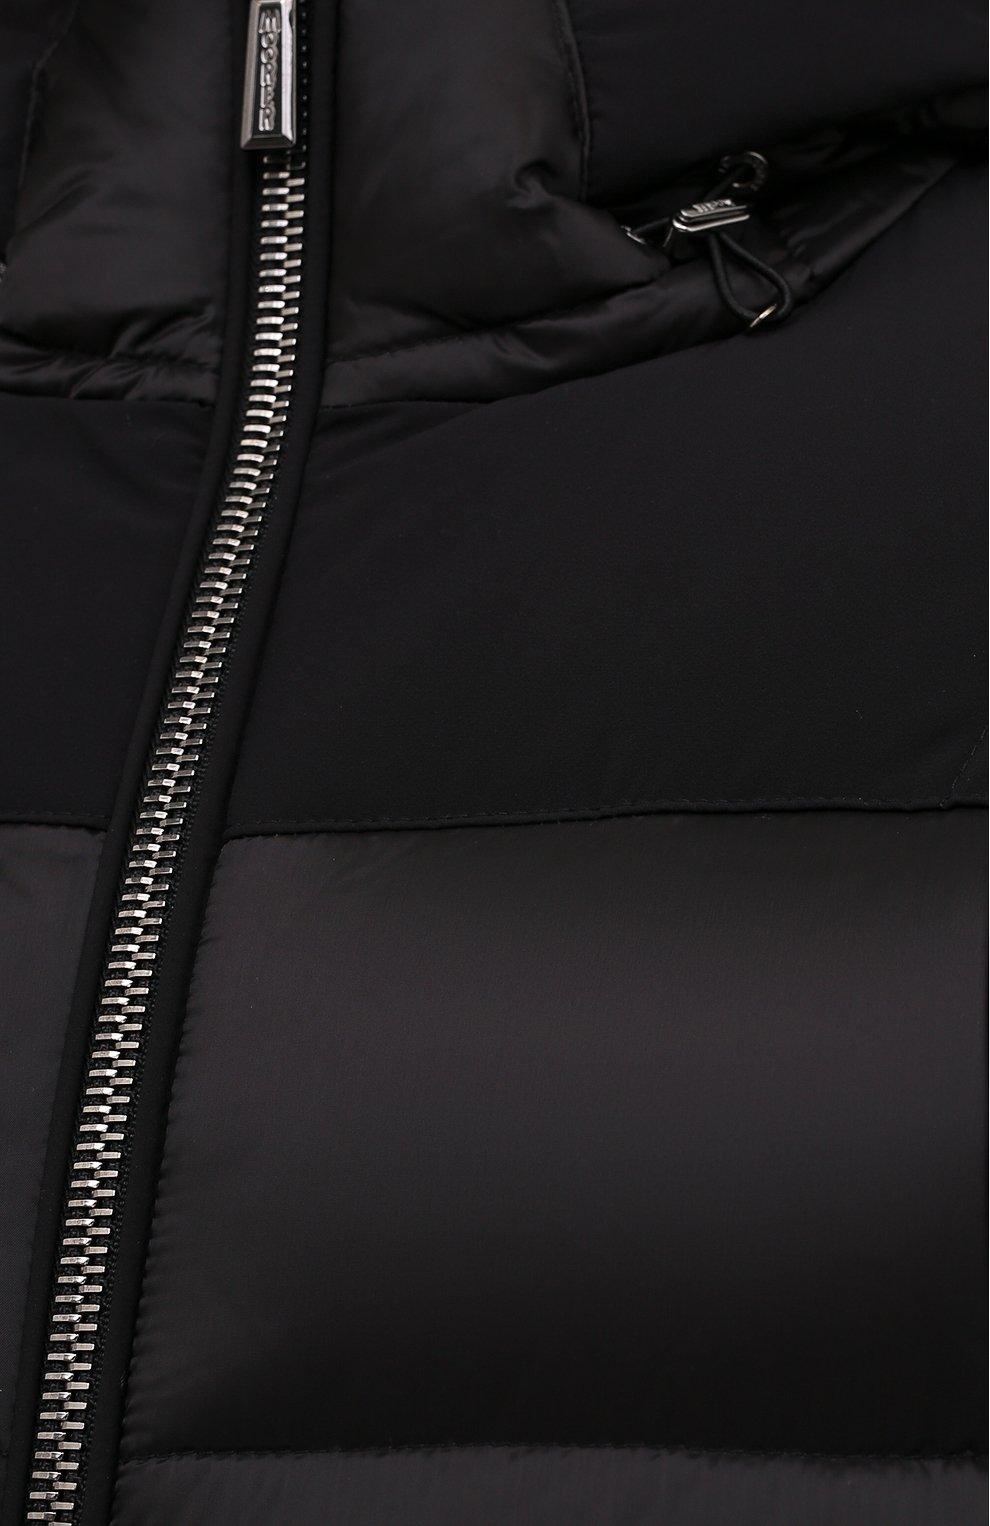 Мужской пуховый бомбер riccardo-shk MOORER черного цвета, арт. RICCARD0-SHK/M0UGI100268-TEPA206   Фото 5 (Кросс-КТ: Куртка, Пуховик; Мужское Кросс-КТ: пуховик-короткий; Рукава: Длинные; Принт: Без принта; Материал внешний: Синтетический материал; Материал подклада: Синтетический материал; Длина (верхняя одежда): Короткие; Материал утеплителя: Пух и перо; Стили: Кэжуэл)